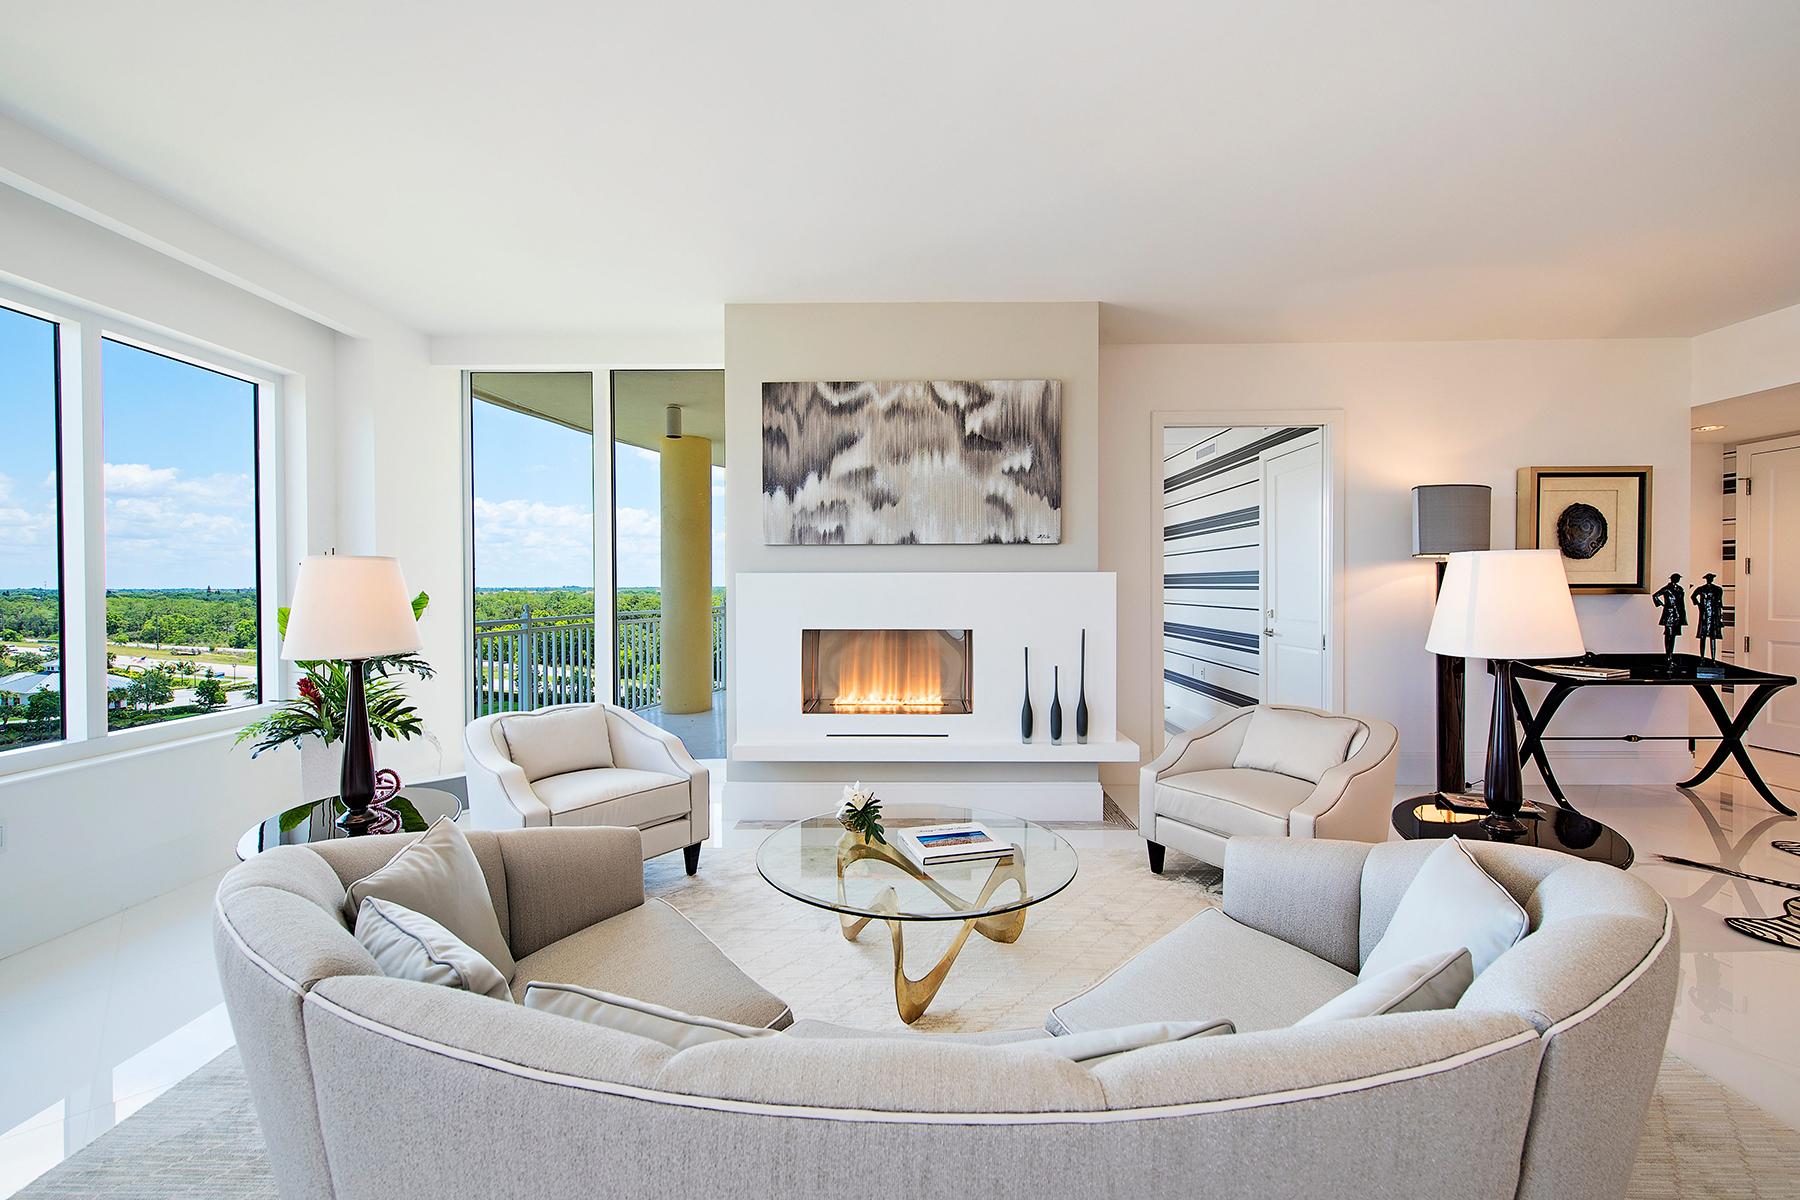 Condominium for Sale at Naples 13675 Vanderbilt Dr 810, Naples, Florida 34110 United States